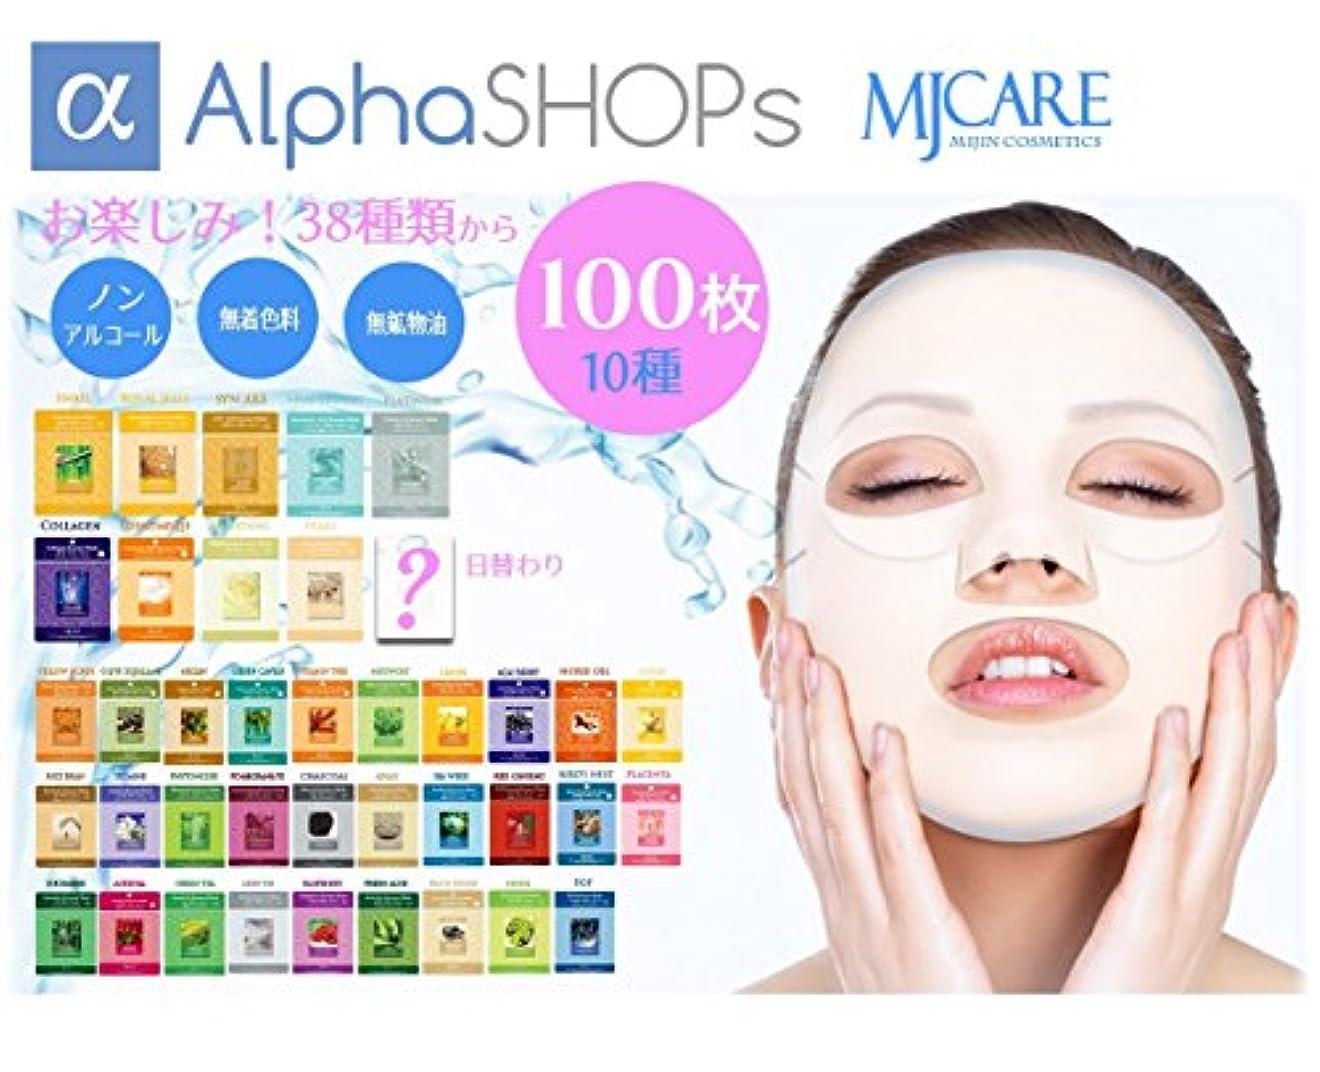 対処注入するどうやってシートマスクパック(100枚) 【MIJINマスク】韓国コスメ 売上No.1 MJ Care?美人【なりたいお肌を選べる?】